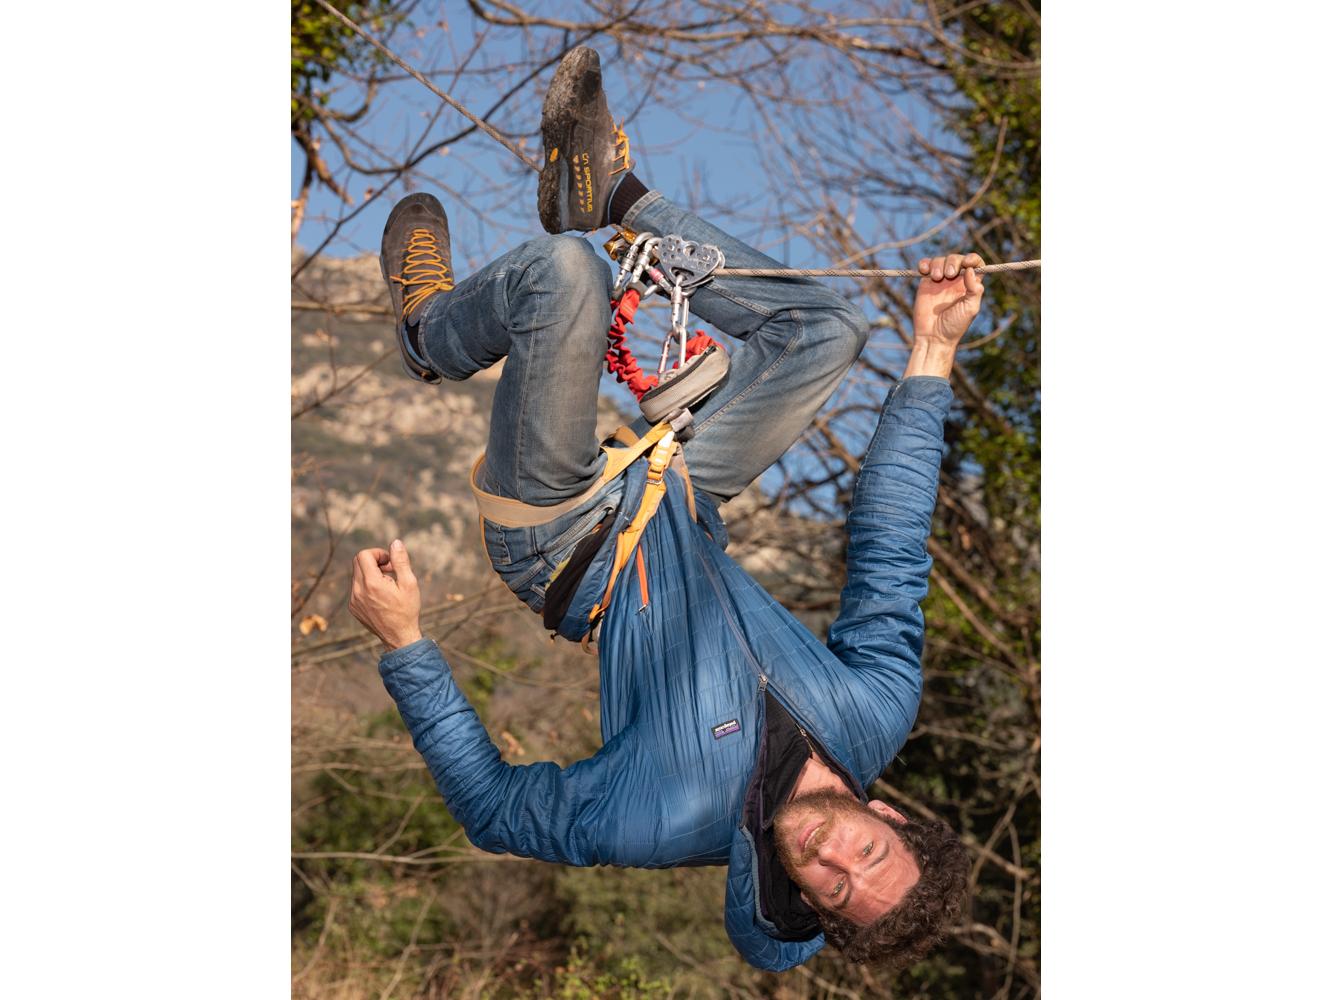 Pierre Moniteur d'escalade Saint Martin de l'arçon usagers voie verte Parc naturel Haut-Languedoc région Occitanie